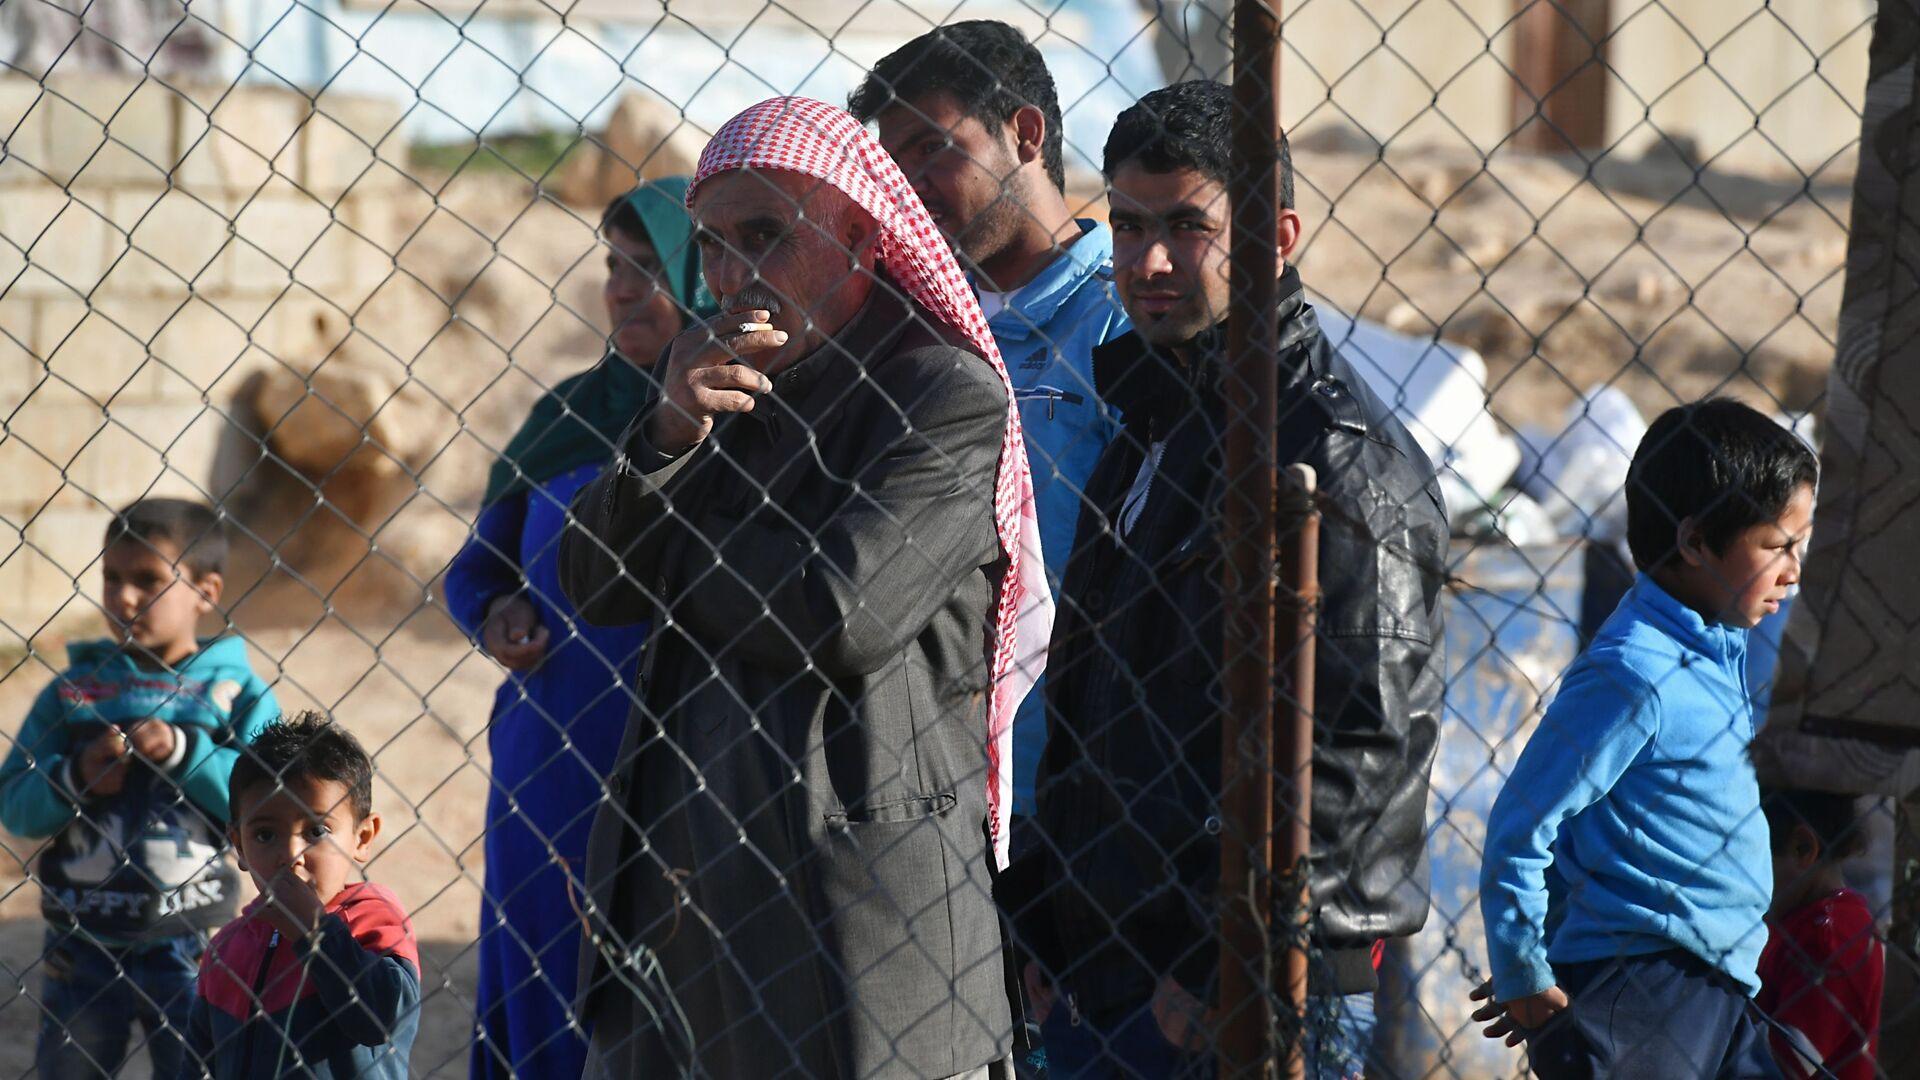 Refugiados sirios, foto de archivo - Sputnik Mundo, 1920, 29.03.2021